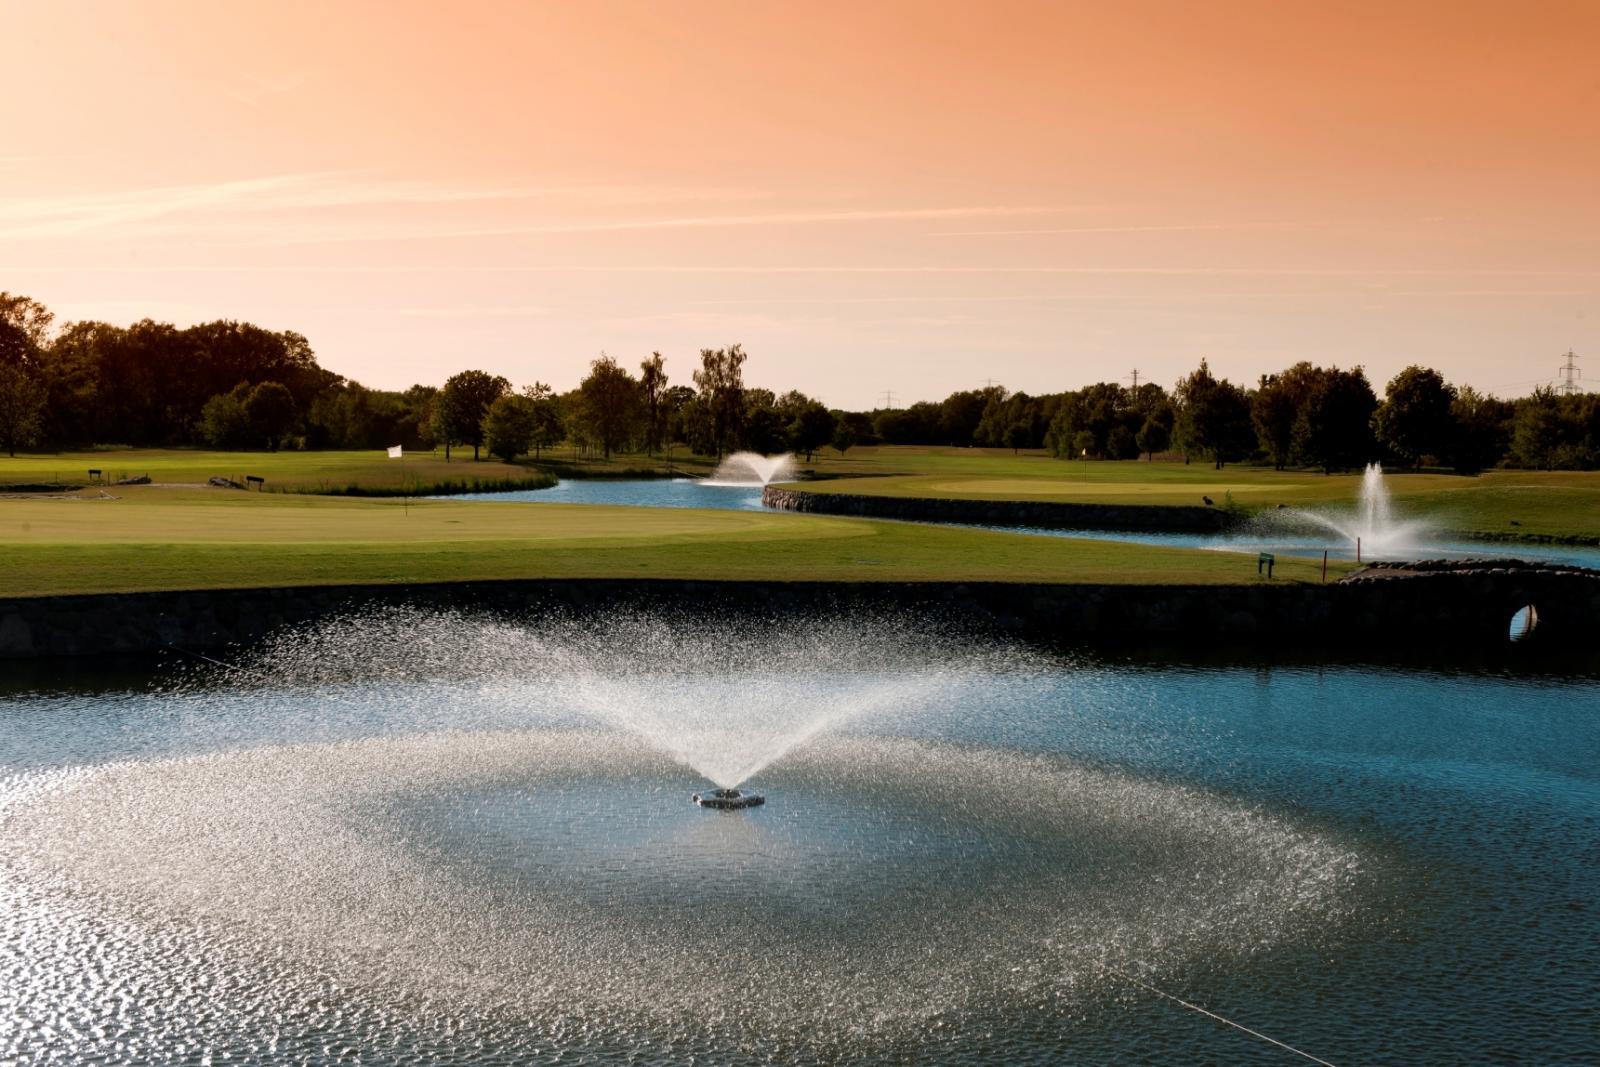 golfclub steigenberger hotel treudelberg golf country. Black Bedroom Furniture Sets. Home Design Ideas